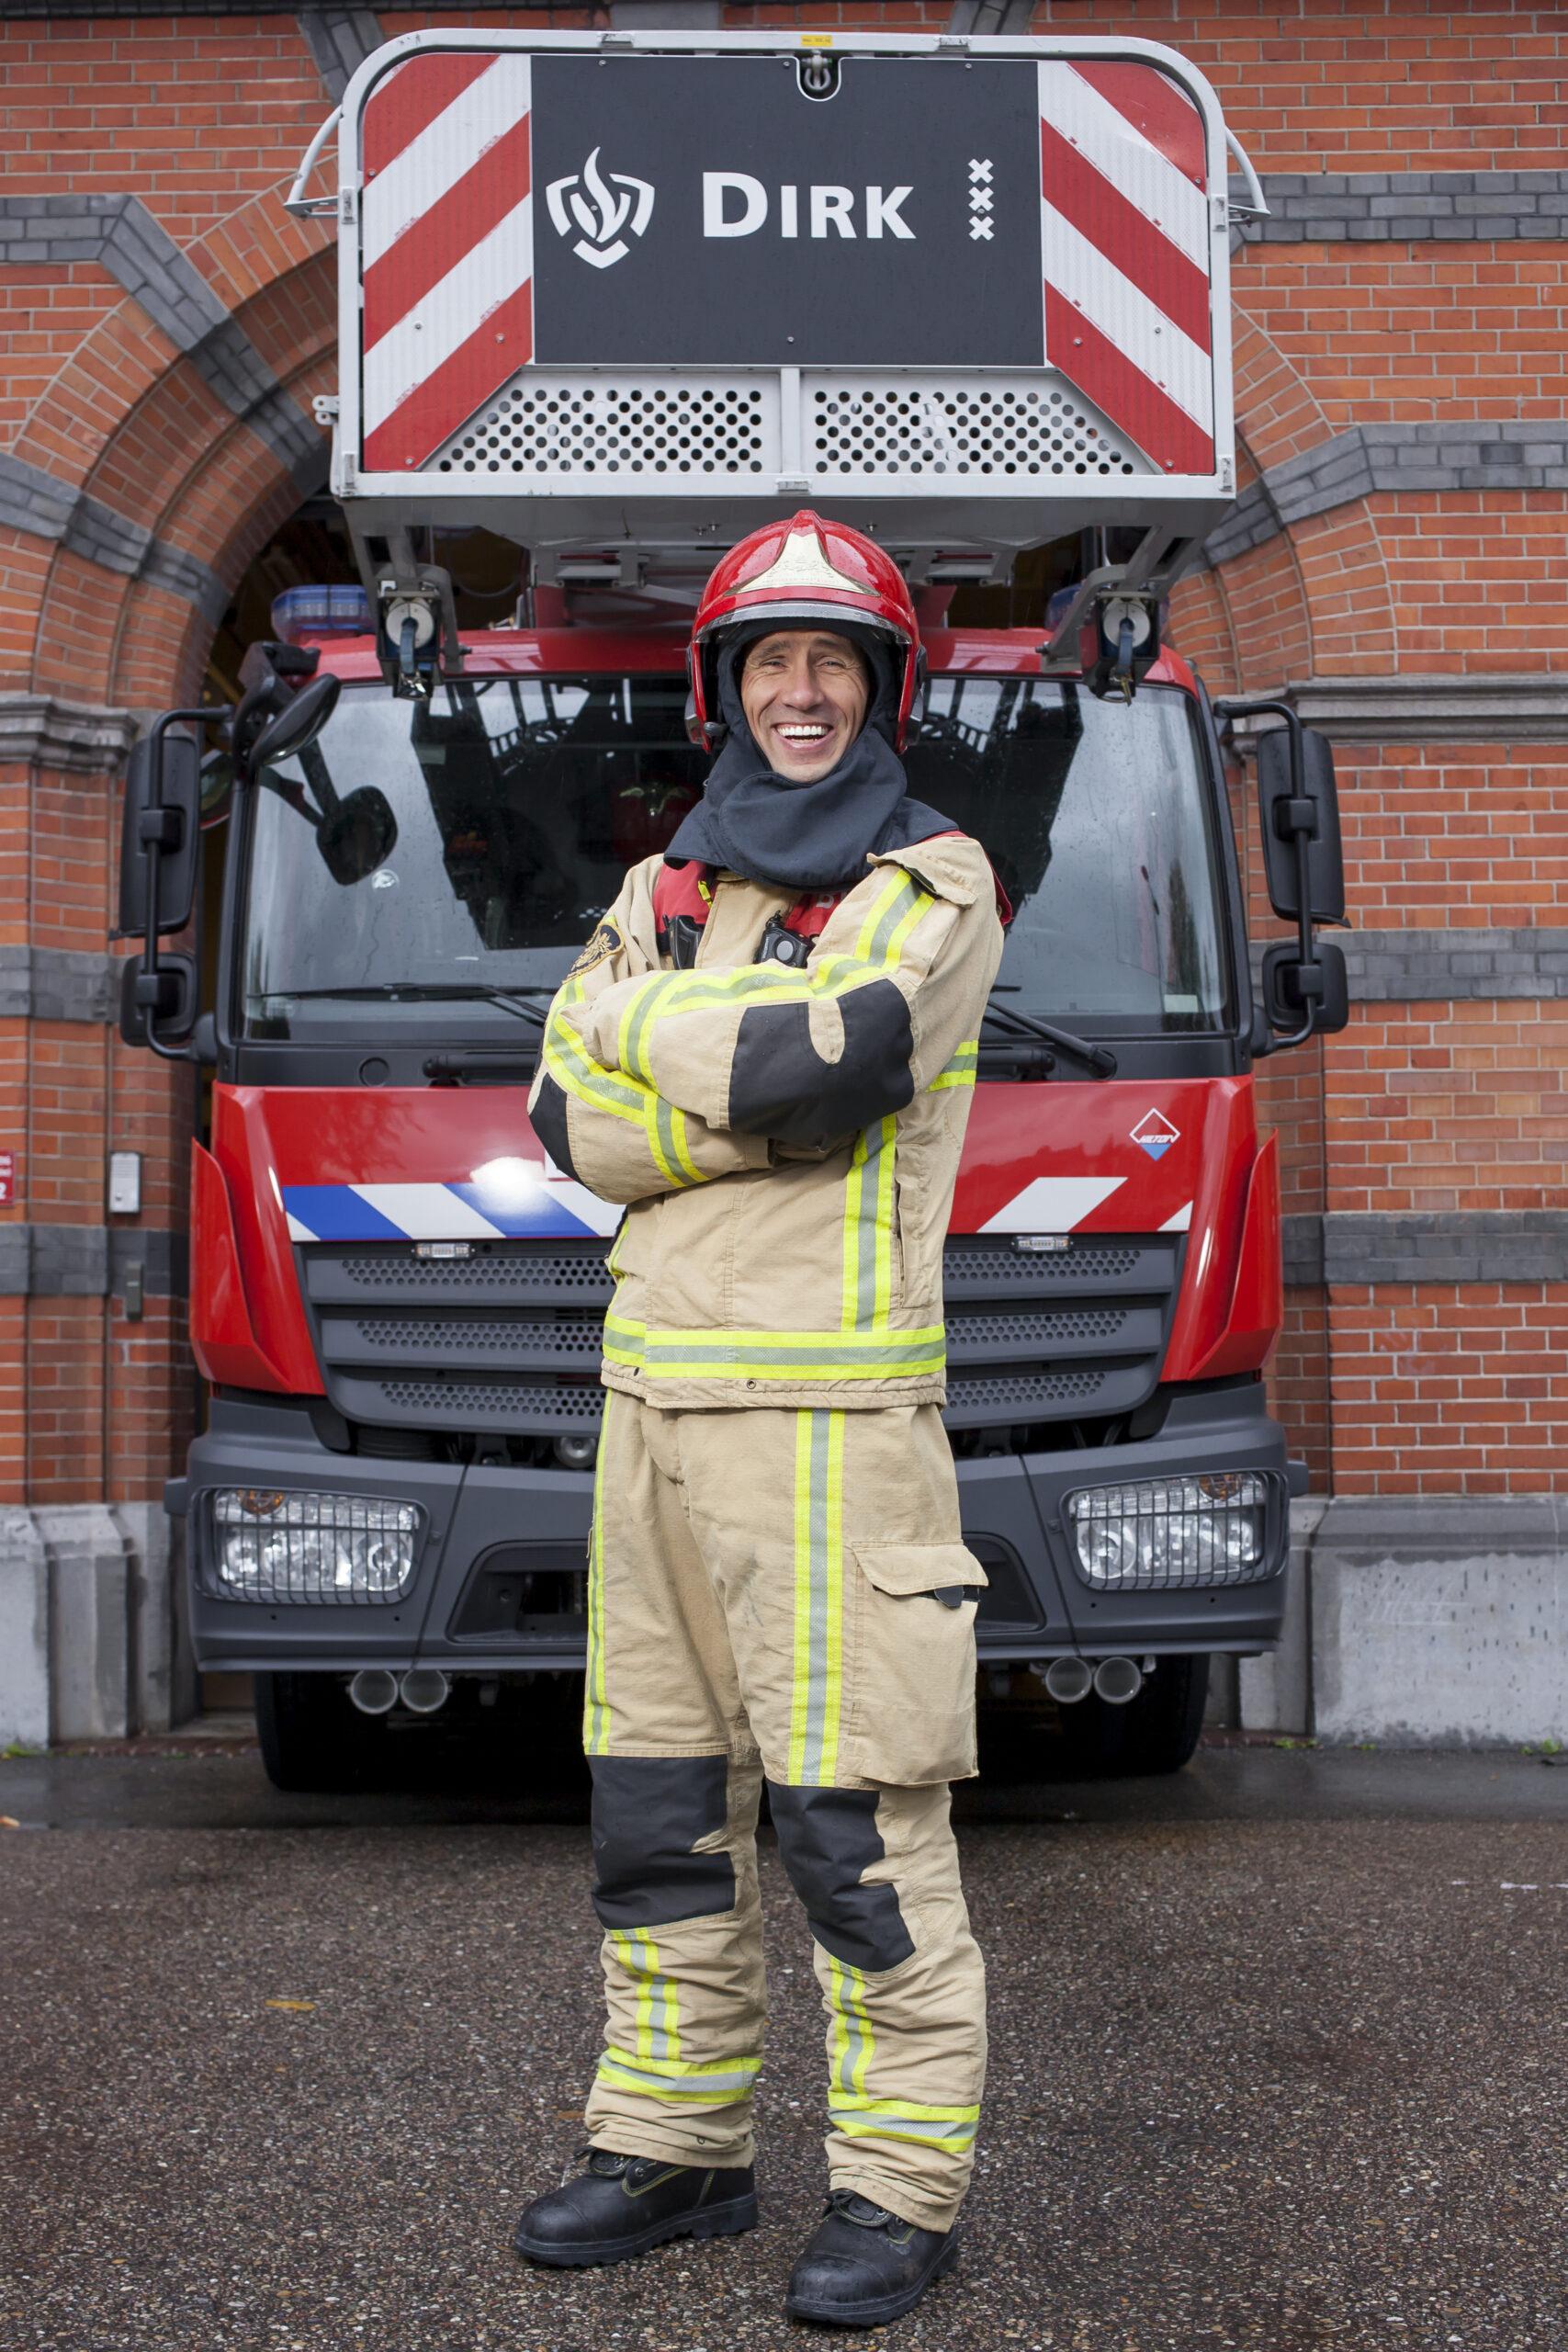 Peter Westerbeek, bevelvoeder van Kazerne Dirk Amsterdam/Amstelland